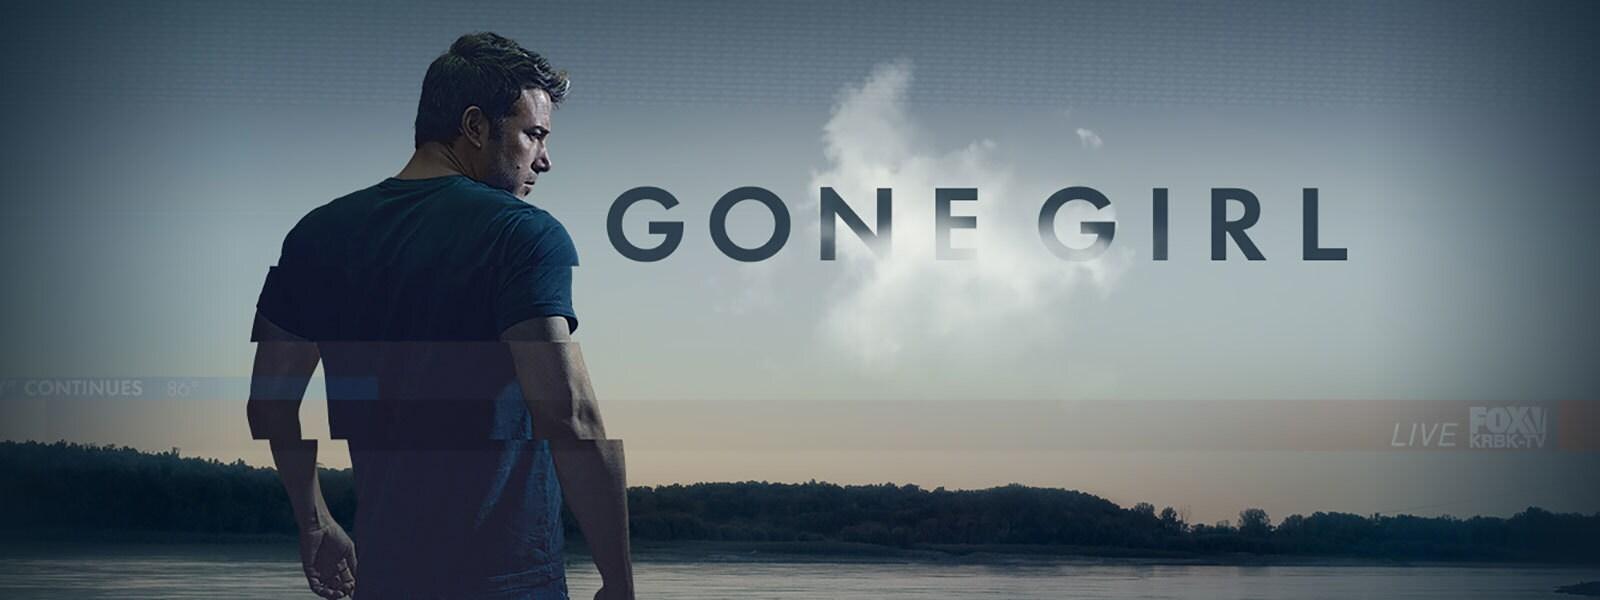 ゴーン・ガール Gone Girl Hero